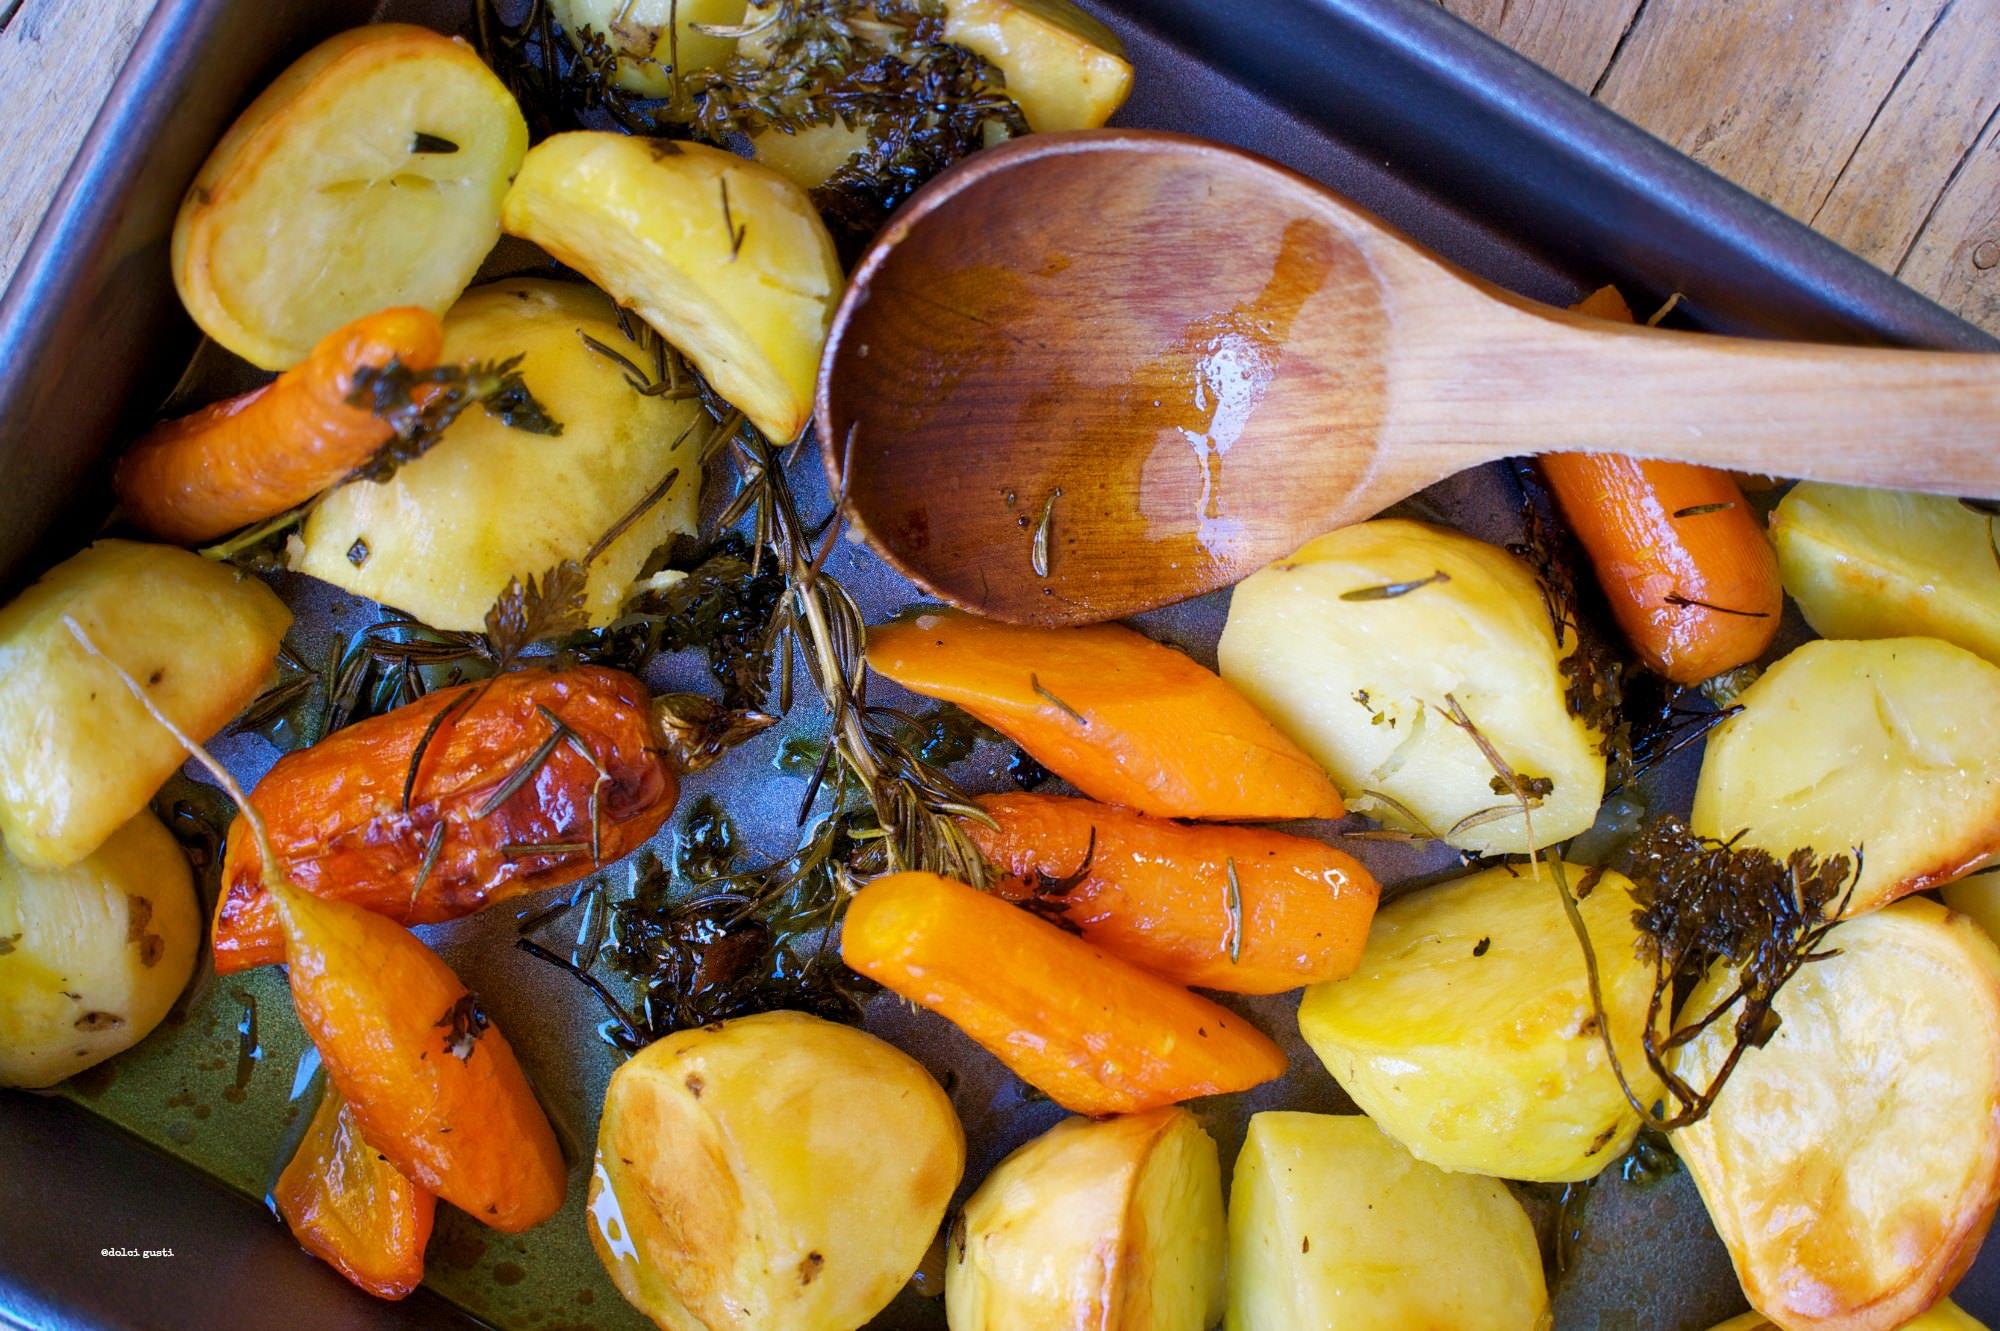 patate e carote di jamie oliver